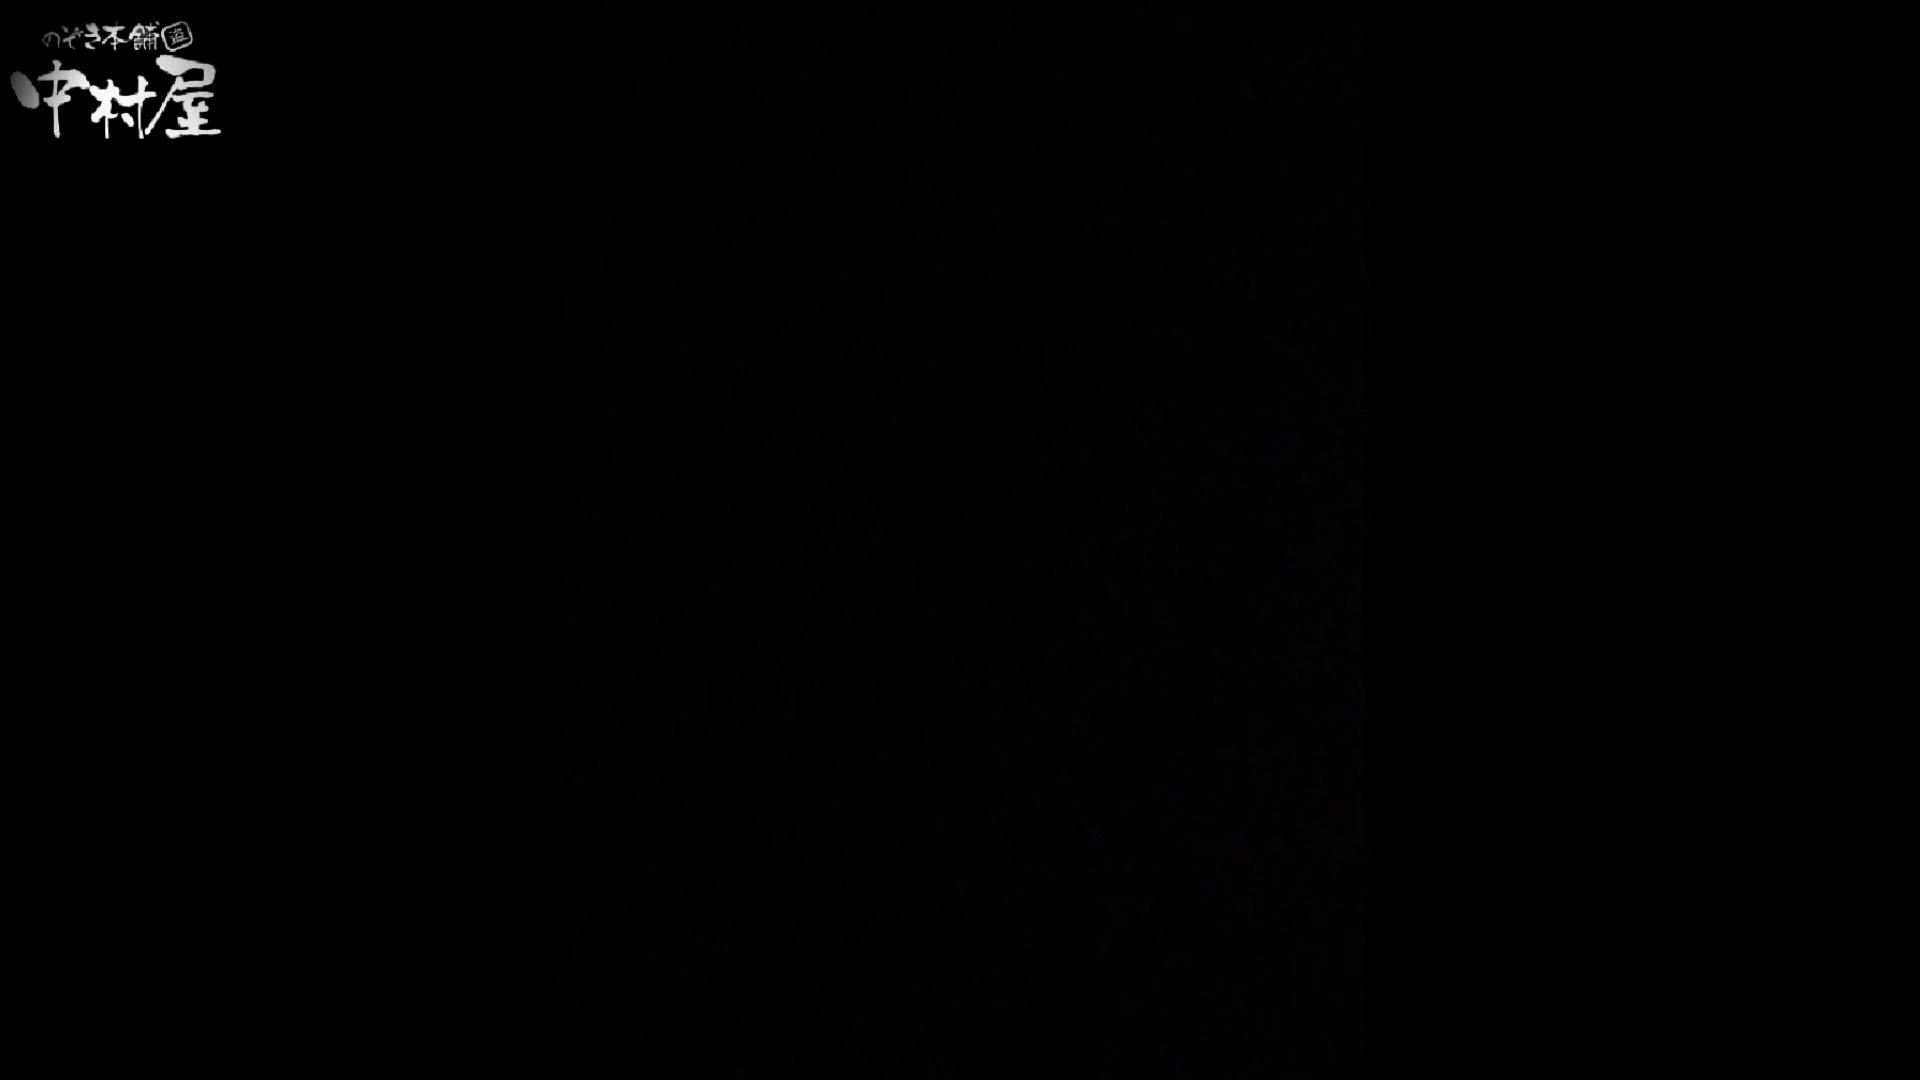 民家風呂専門盗撮師の超危険映像 vol.006 美女ヌード おまんこ無修正動画無料 48画像 9